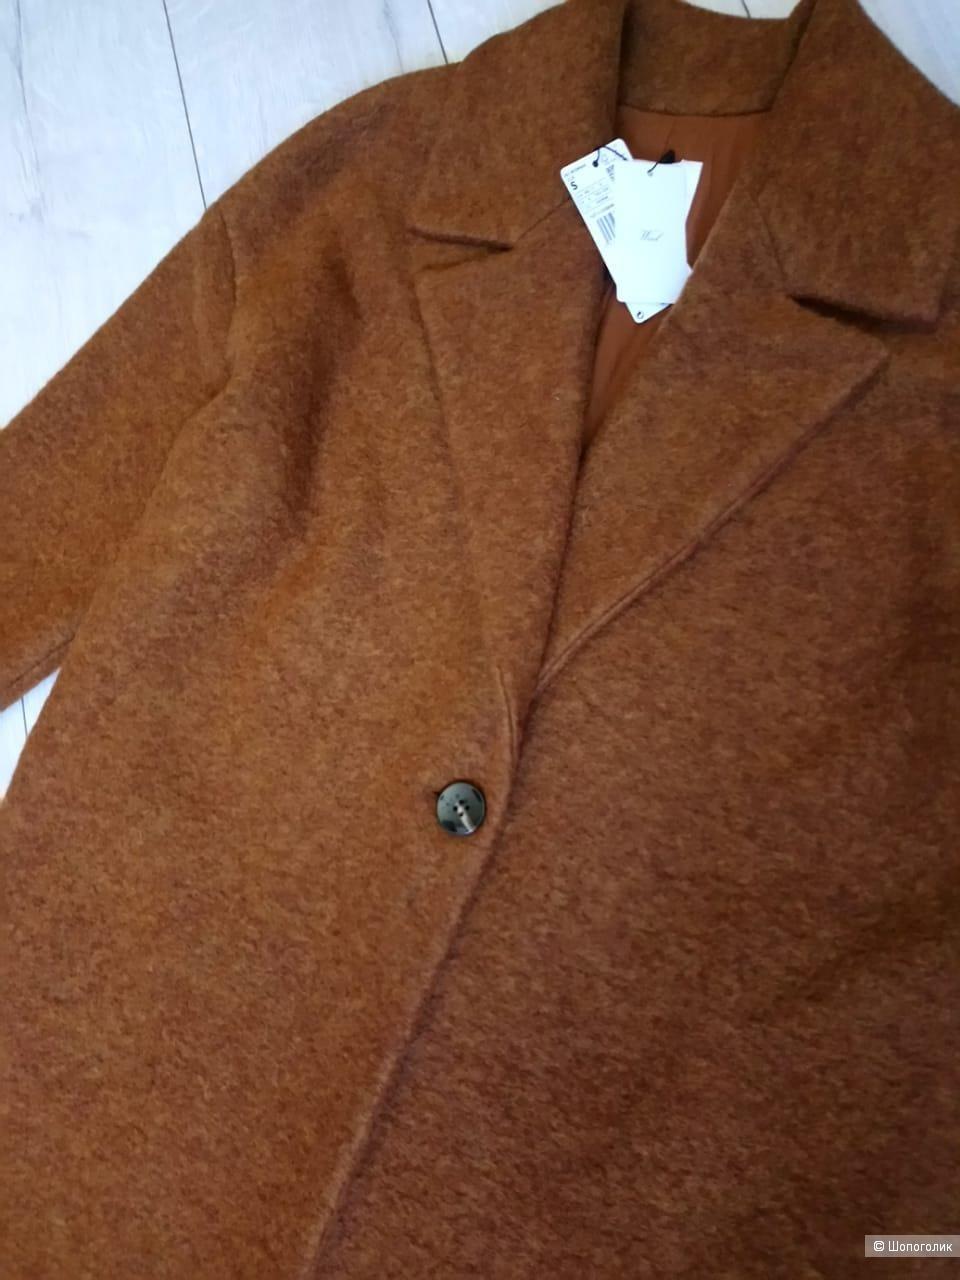 Пальто оверсайз mango, размер S/M